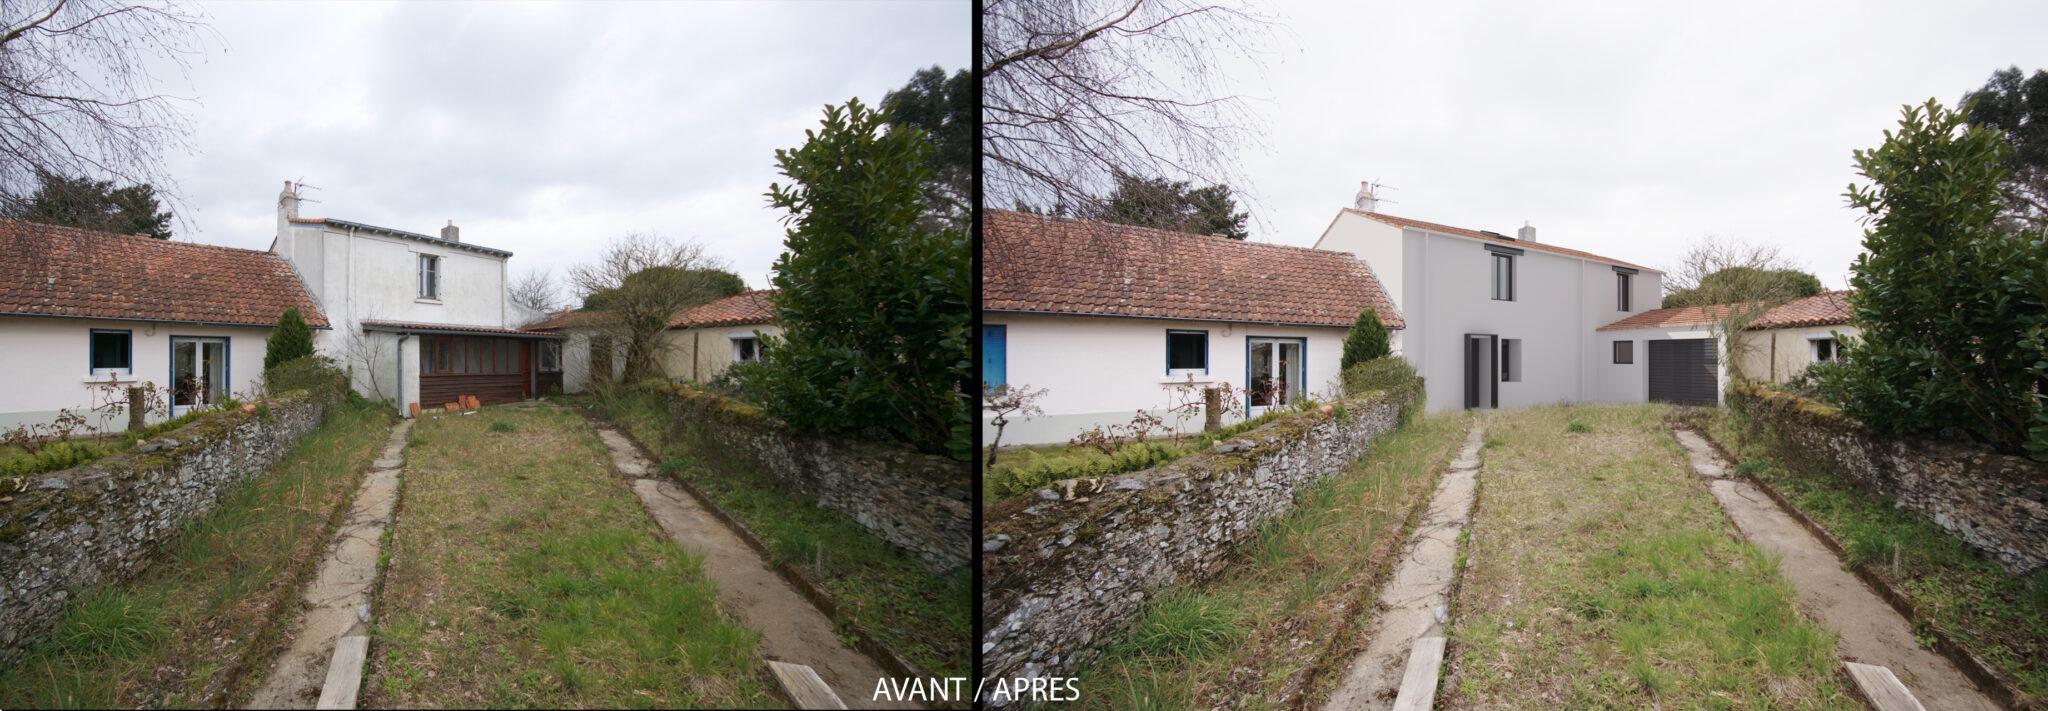 Rénovation et extension maison individuelle Saint Sébastien sur Loire